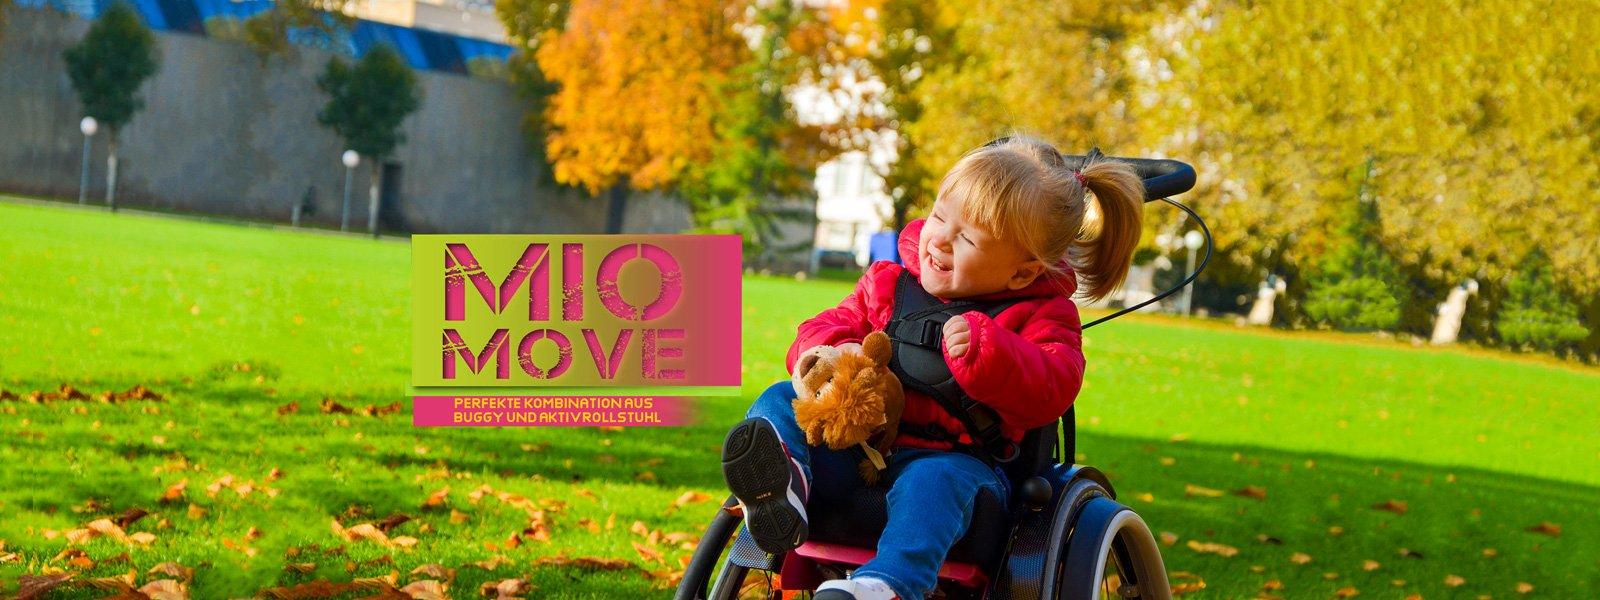 Kinderrollstuhl Mio Move